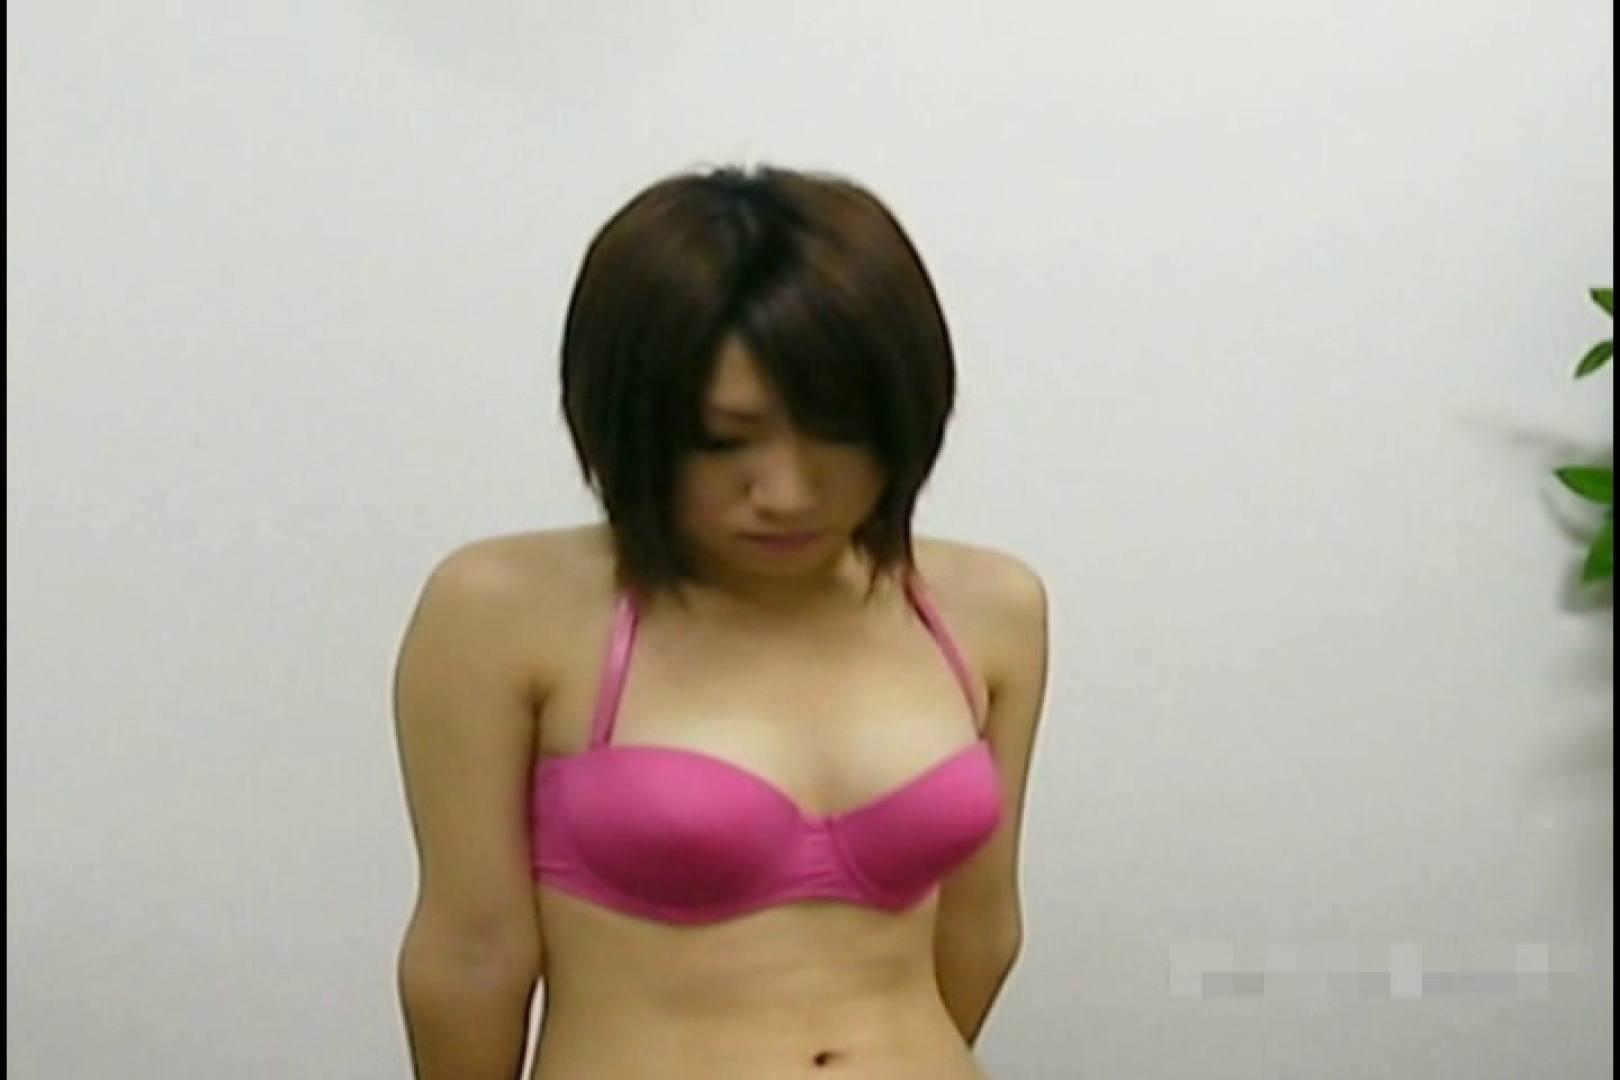 素人撮影 下着だけの撮影のはずが・・・れみ18歳 水着 盗撮画像 111pic 33